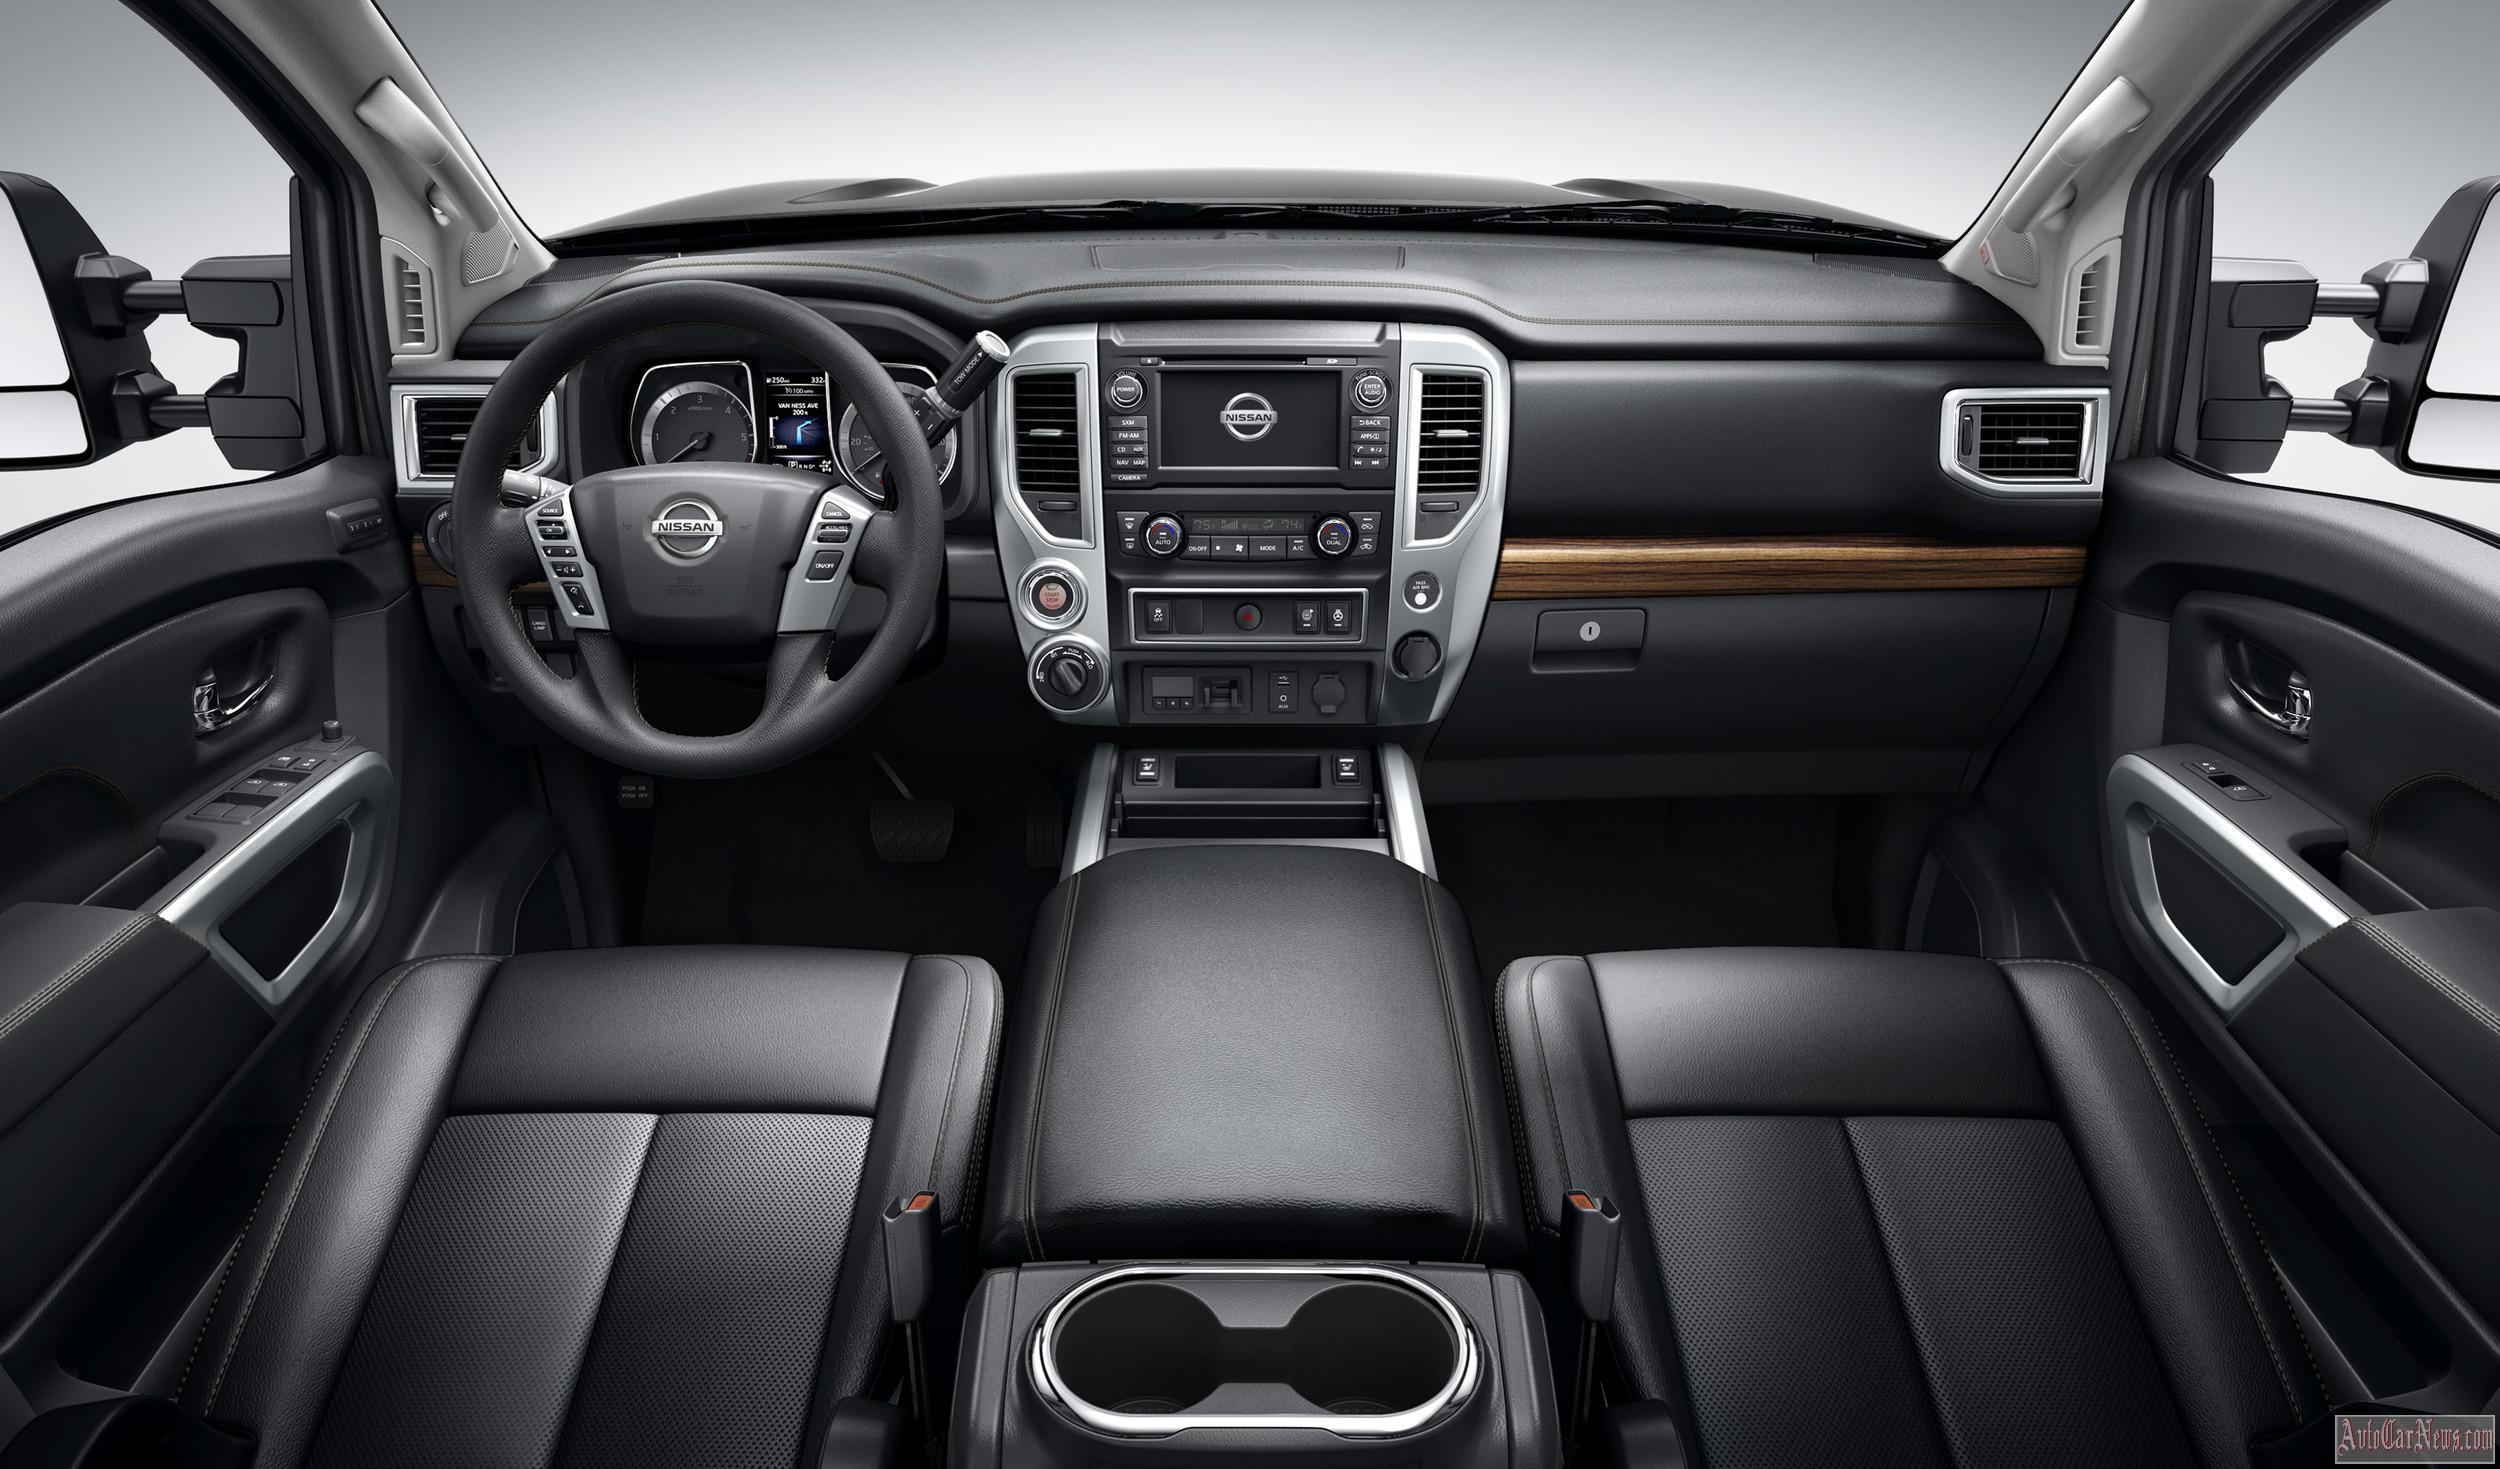 2016 Nissan Titan XD Photo